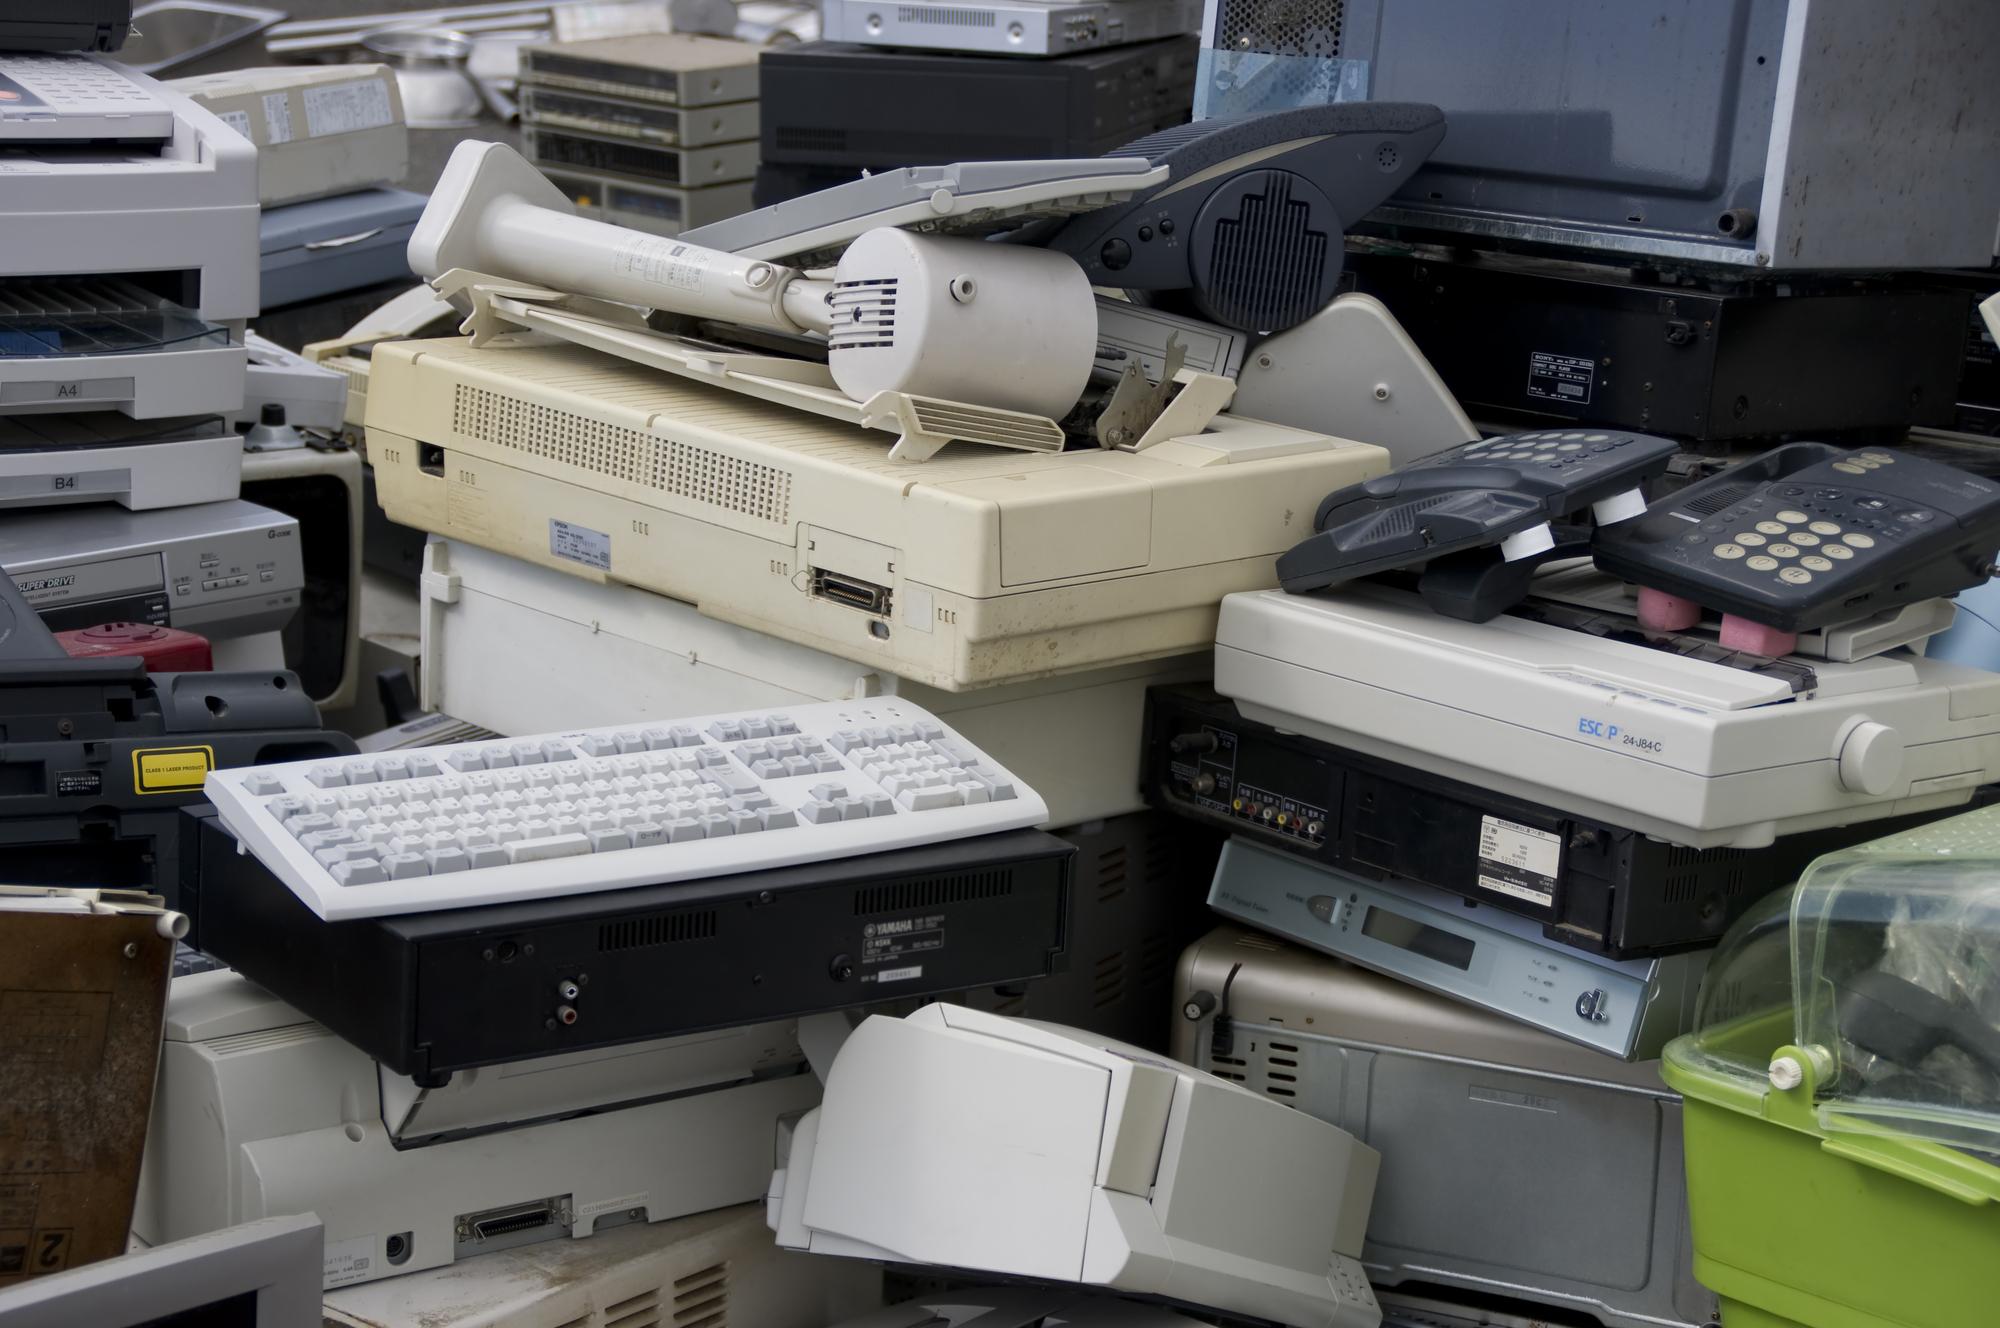 01_港区民必見!処分費用無料で安心・安全のパソコン処分方法をチェック!データ消去サービスを活用